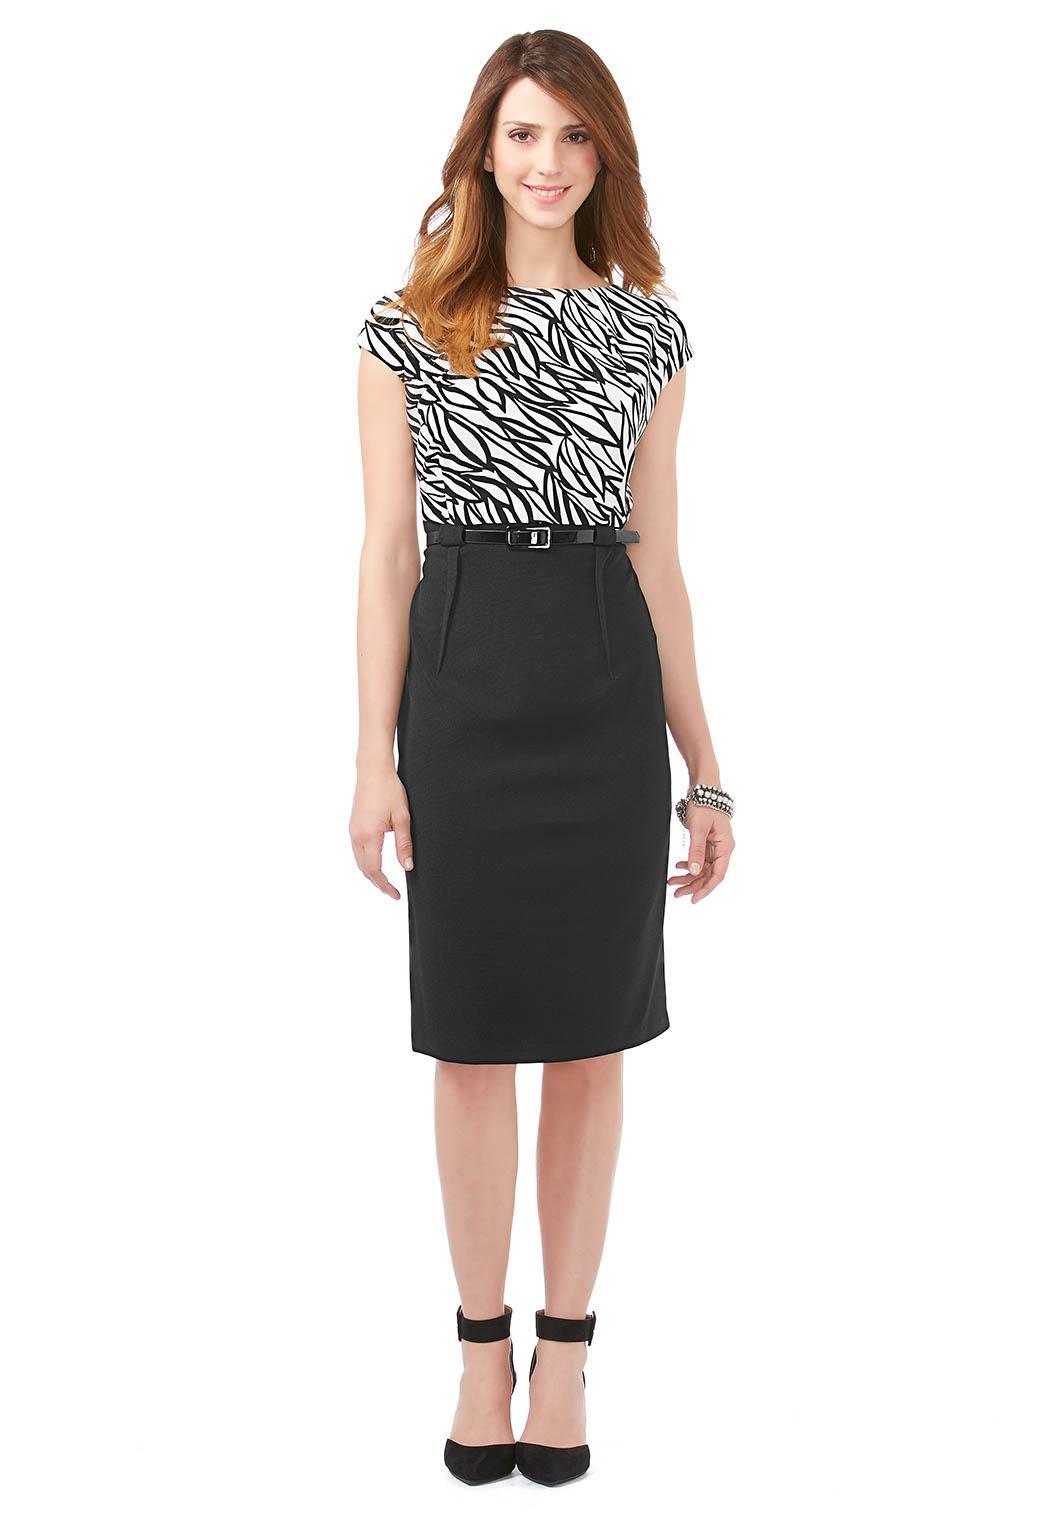 Cato.com clothing store